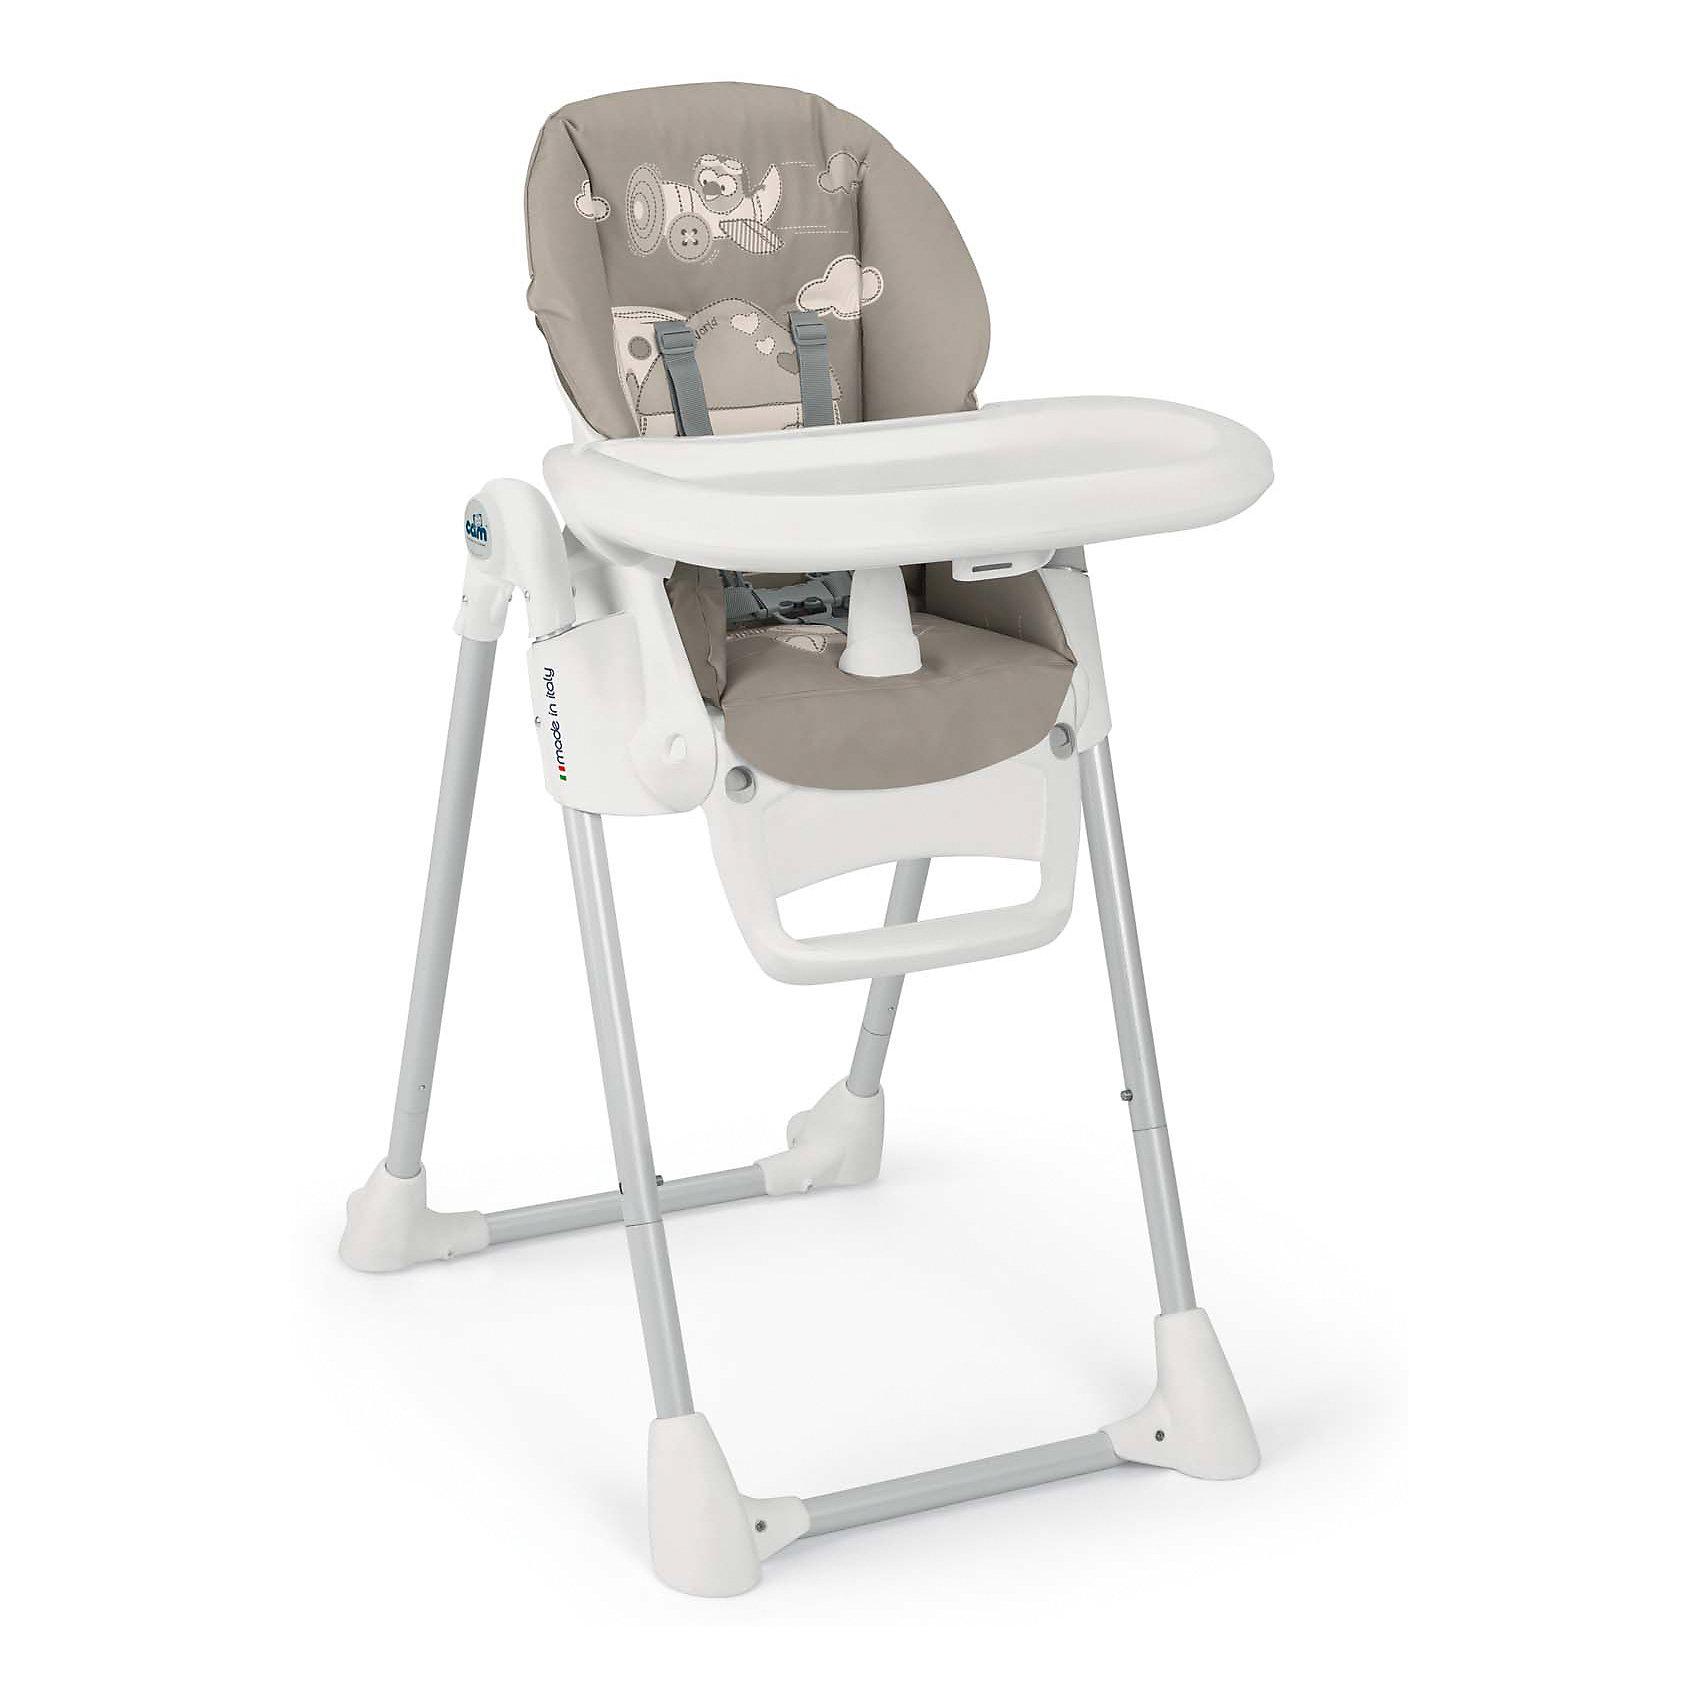 Стульчик для кормления Pappananna, CAM, темно-серый с домикомот рождения<br>Характеристики:<br><br>• изменяется высота сиденья, 8 положений;<br>• угол наклона спинки регулируется, 4 положения, включая положение «лежа»;<br>• регулируемая подножка;<br>• система 5-ти точечных ремней безопасности надежно удерживает ребенка;<br>• пластиковый ограничитель между ножек не позволяет ребенку «съехать» или соскользнуть вниз;<br>• стульчик оснащен съемным столиком для кормления;<br>• имеется также дополнительный поднос с углублениями для посуды;<br>• поднос можно снять и оставить только столик с ровной поверхностью;<br>• на нижнем основании стульчика находятся пластиковые накладки, которые обеспечивают устойчивость конструкции;<br>• задние ножки оснащены колесиками;<br>• стульчик компактно складывается, устойчиво стоит в вертикальном положении;<br>• материал: алюминий, пластик, полиэстер, эко-кожа.<br><br>Размеры:<br><br>• размер стульчика для кормления: 55х76х106 см;<br>• размер стульчика в сложенном виде: 55х31х89 см;<br>• вес стульчика: 8,9 кг;<br>• размер упаковки: 62,7х30,7х98 см;<br>• вес в упаковке: 12,2 кг.<br><br>Функциональный стульчик-трансформер Pappananna используется с первых дней жизни малыша благодаря раскладывающейся почти до горизонтального положения спинке. В таком положении ребенок может находиться рядом с взрослыми в часы приема ими пищи. Стульчик регулируется по высоте, которая может быть изменена в зависимости от роста ребенка. Стульчик без столика удобно приставить к общему столу, когда ребенок подрастет. <br><br>Стульчик для кормления Pappananna, CAM, темно-серый с домиком можно купить в нашем интернет-магазине.<br><br>Ширина мм: 627<br>Глубина мм: 307<br>Высота мм: 980<br>Вес г: 12200<br>Возраст от месяцев: 0<br>Возраст до месяцев: 36<br>Пол: Унисекс<br>Возраст: Детский<br>SKU: 5489974